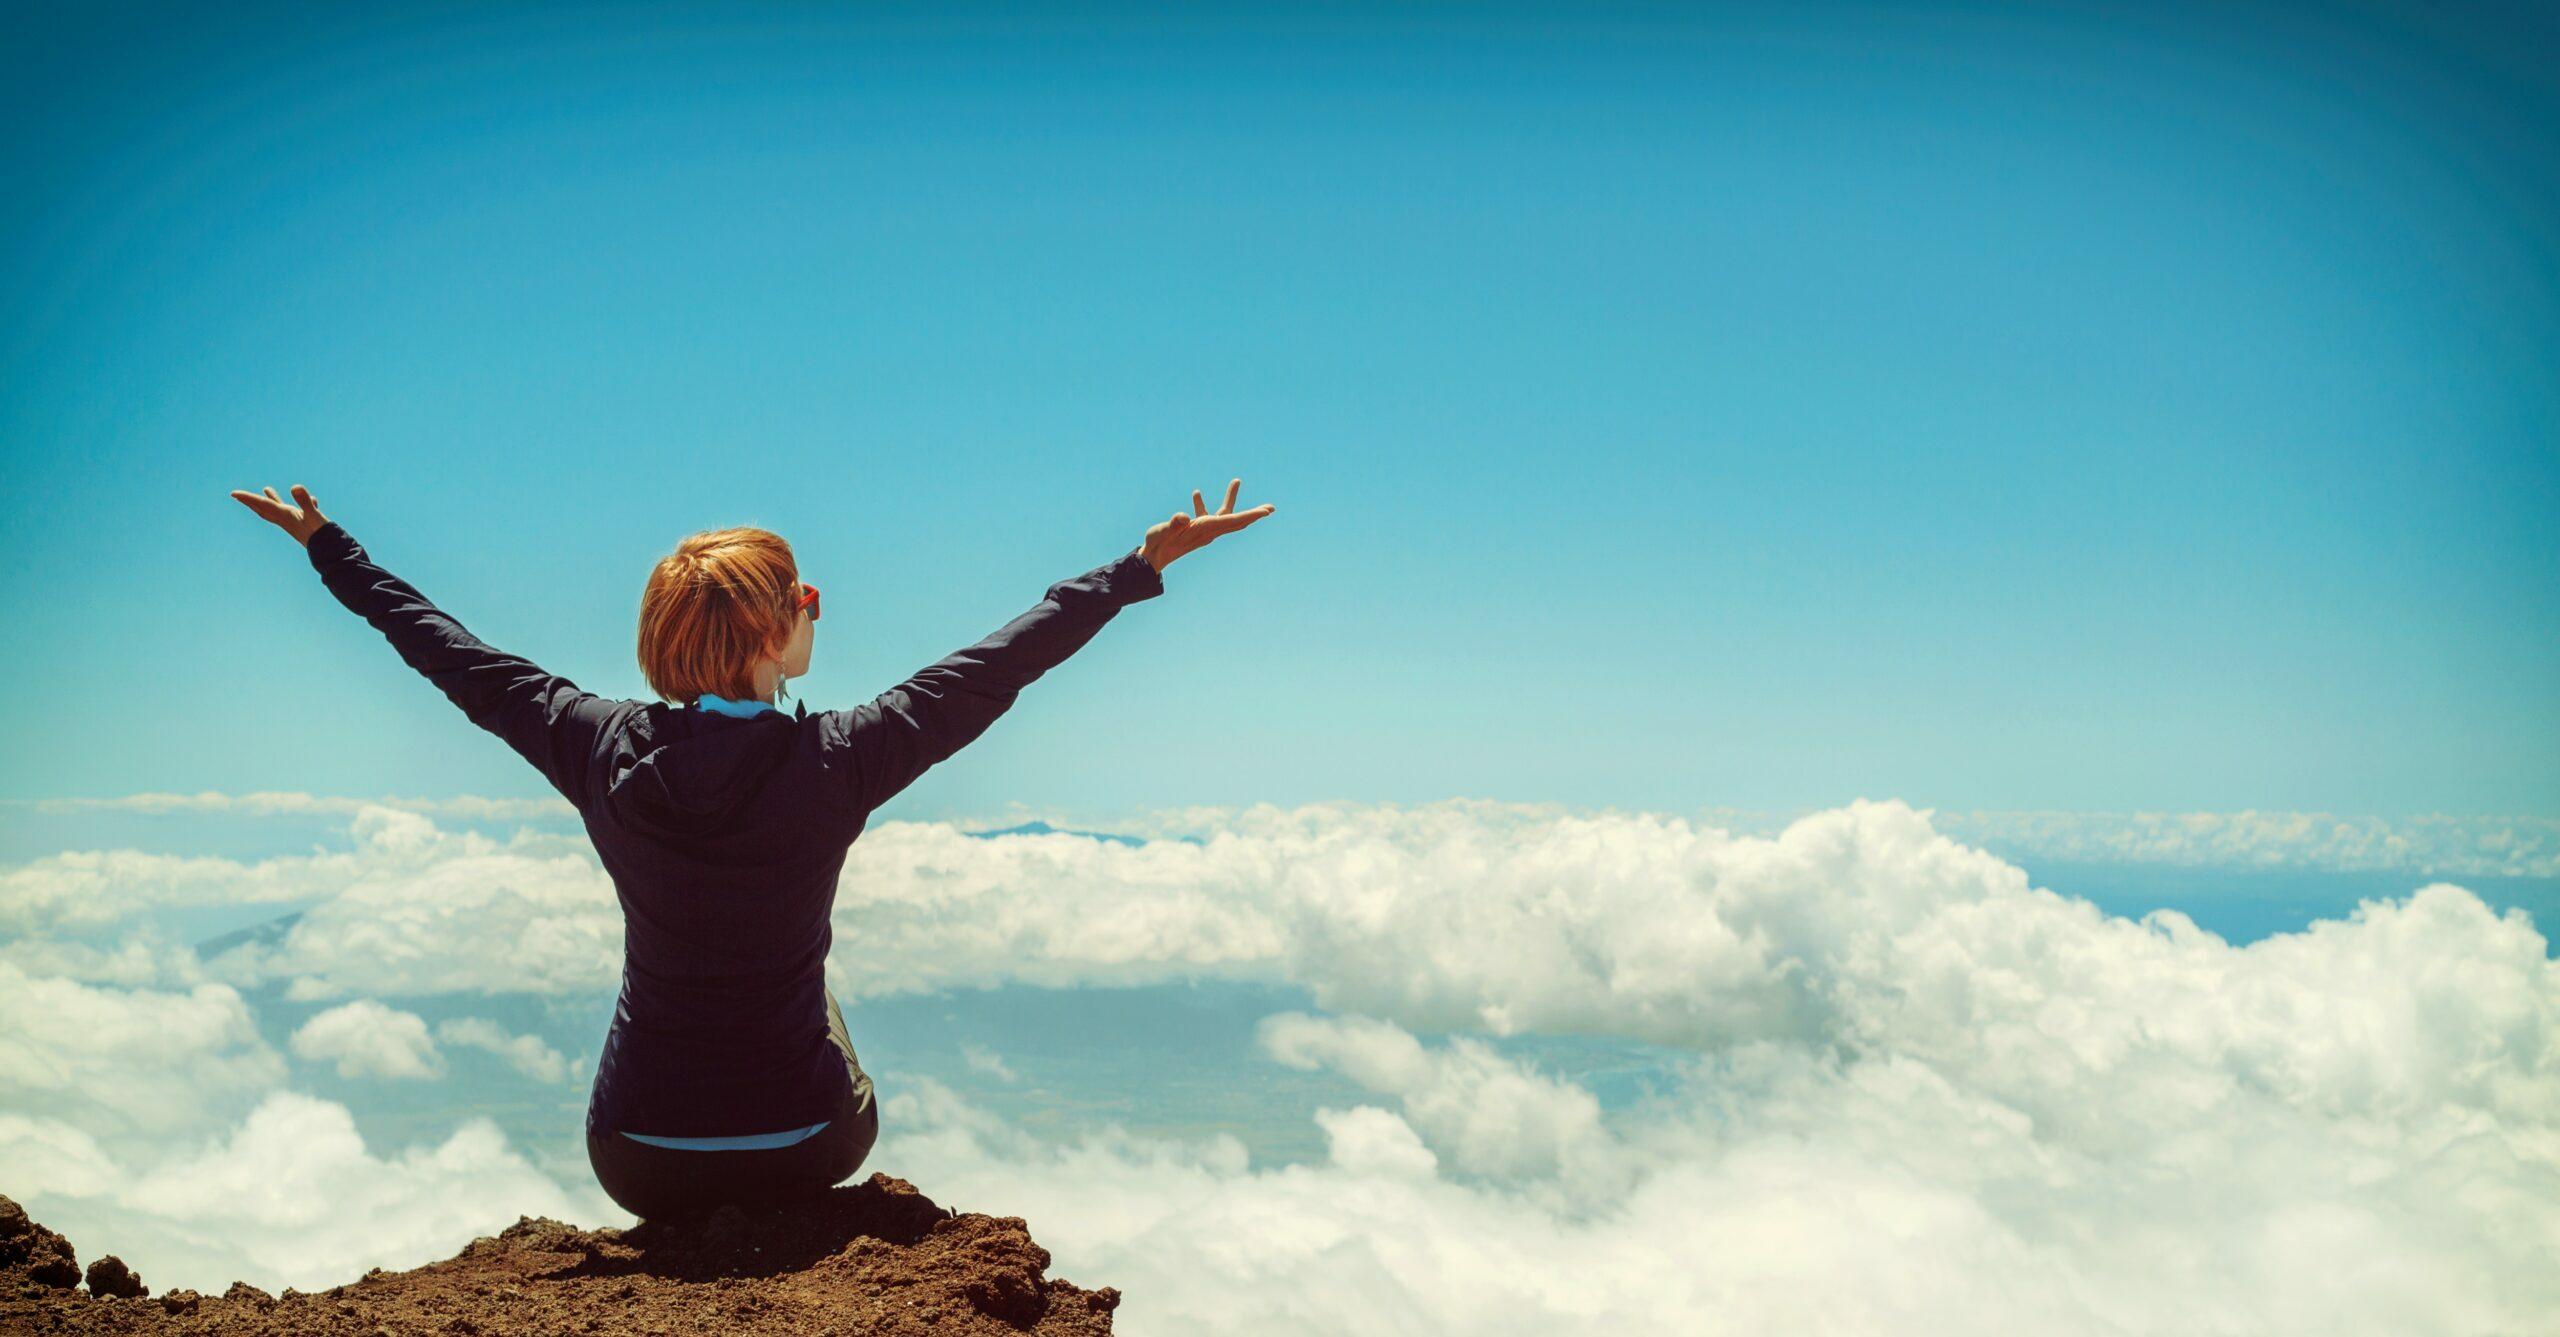 vrouw op rots boven de wolken vol geluk